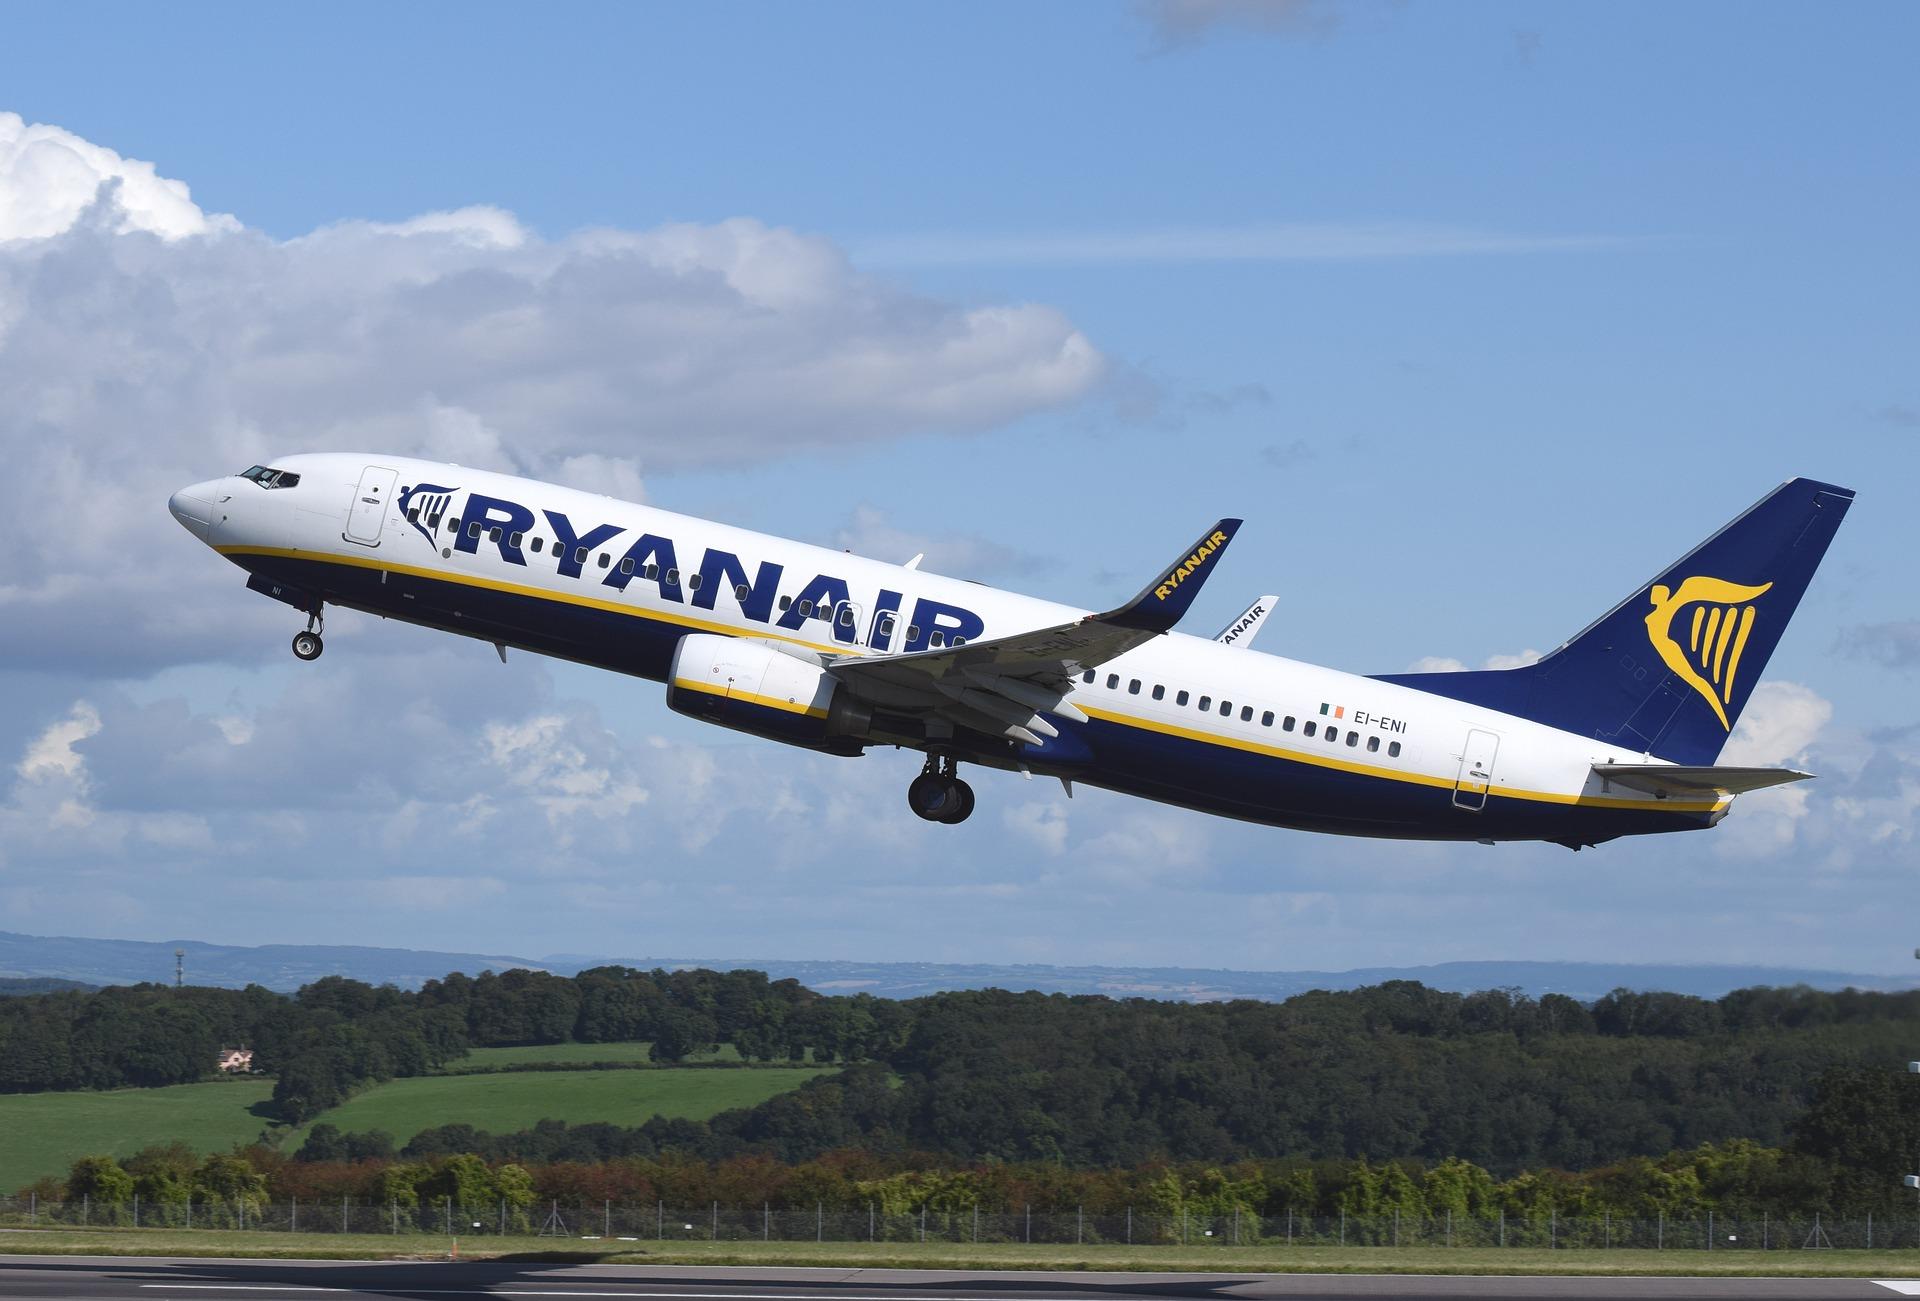 Ryanair : un bénéfice en hausse de 10% en 2017, mais pessimisme pour 2018